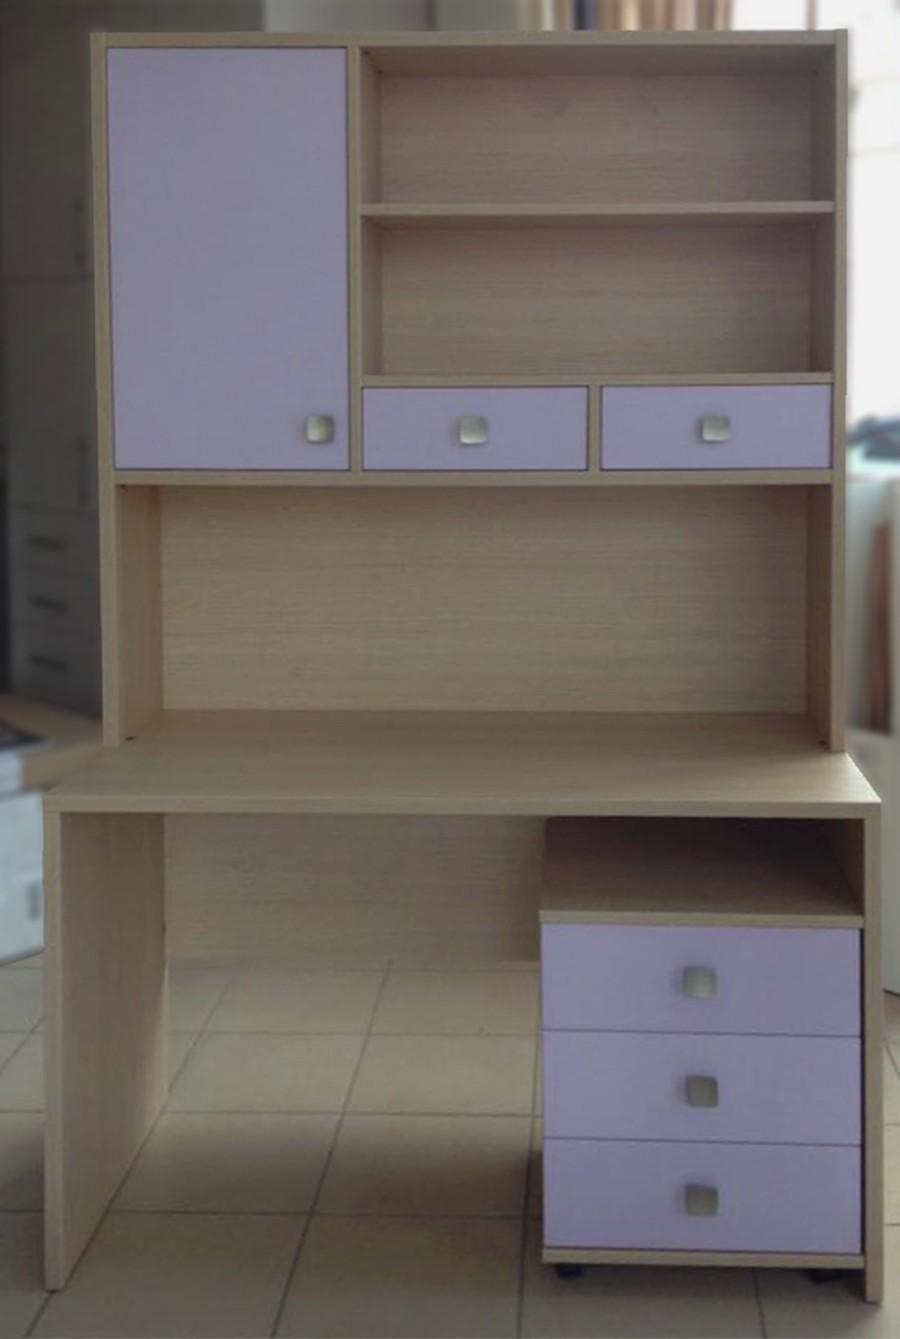 σετ παιδικό γραφείο με συρταριέρα και βιβλιοθήκη